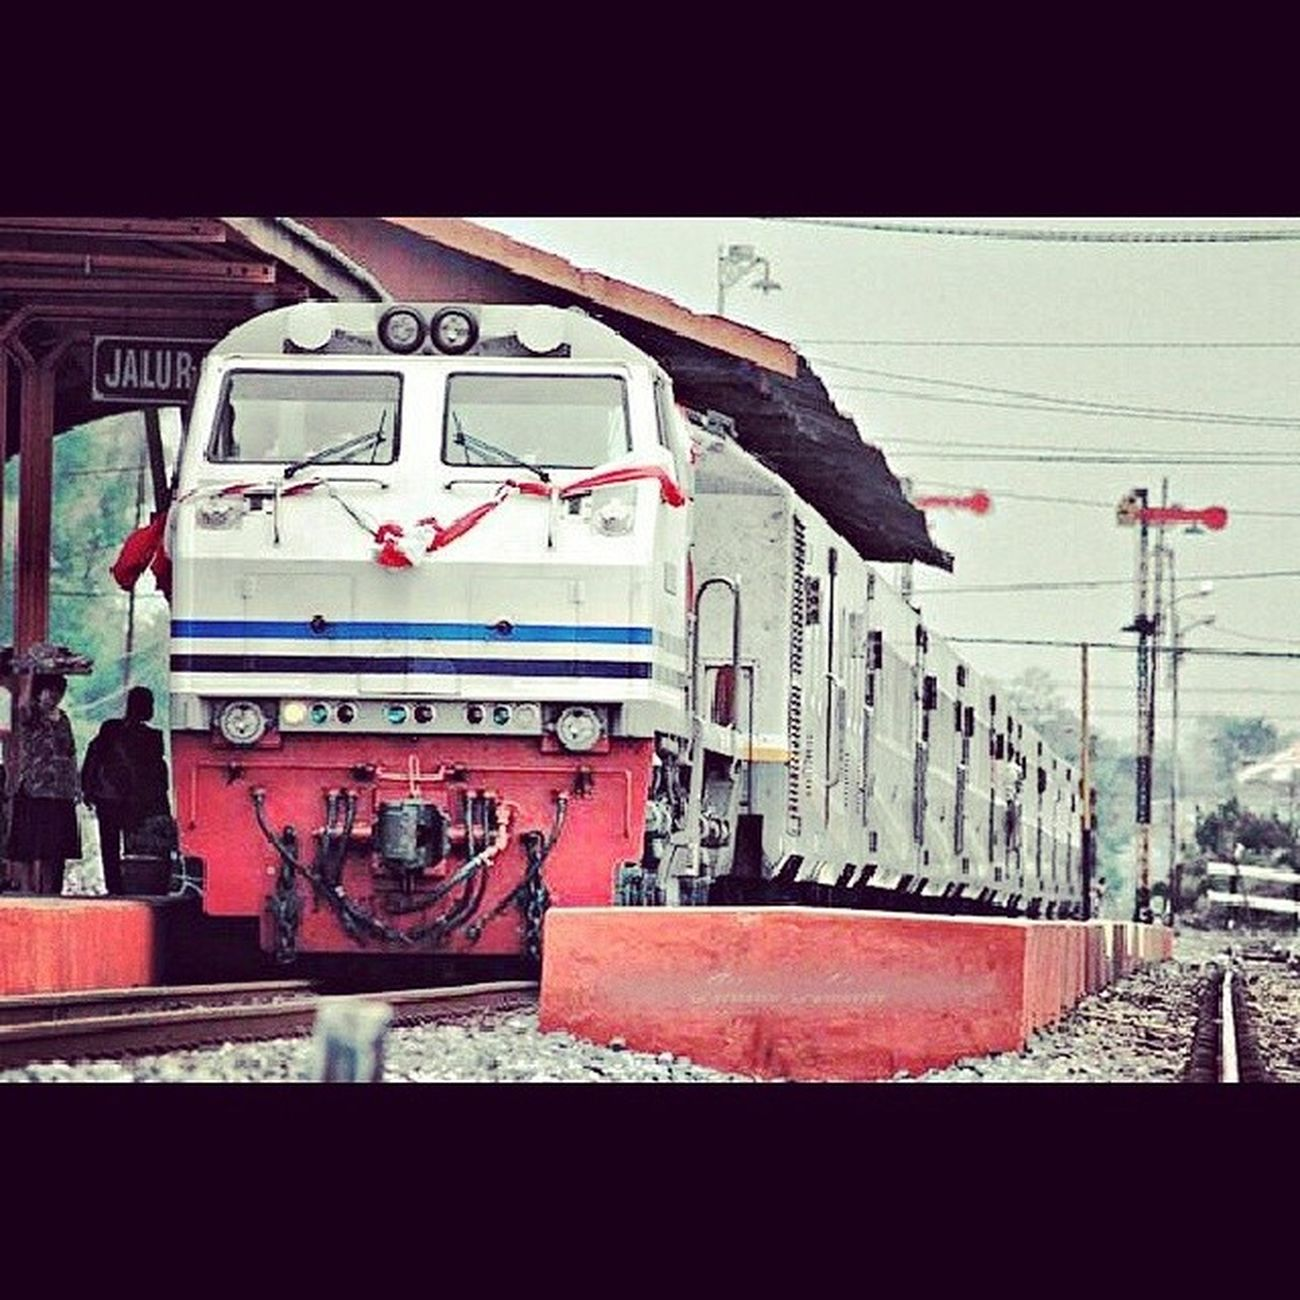 Yang lagi ultah KA 32 Instadroid Instapict Instalike Railfans ML daop8 igers indonesia